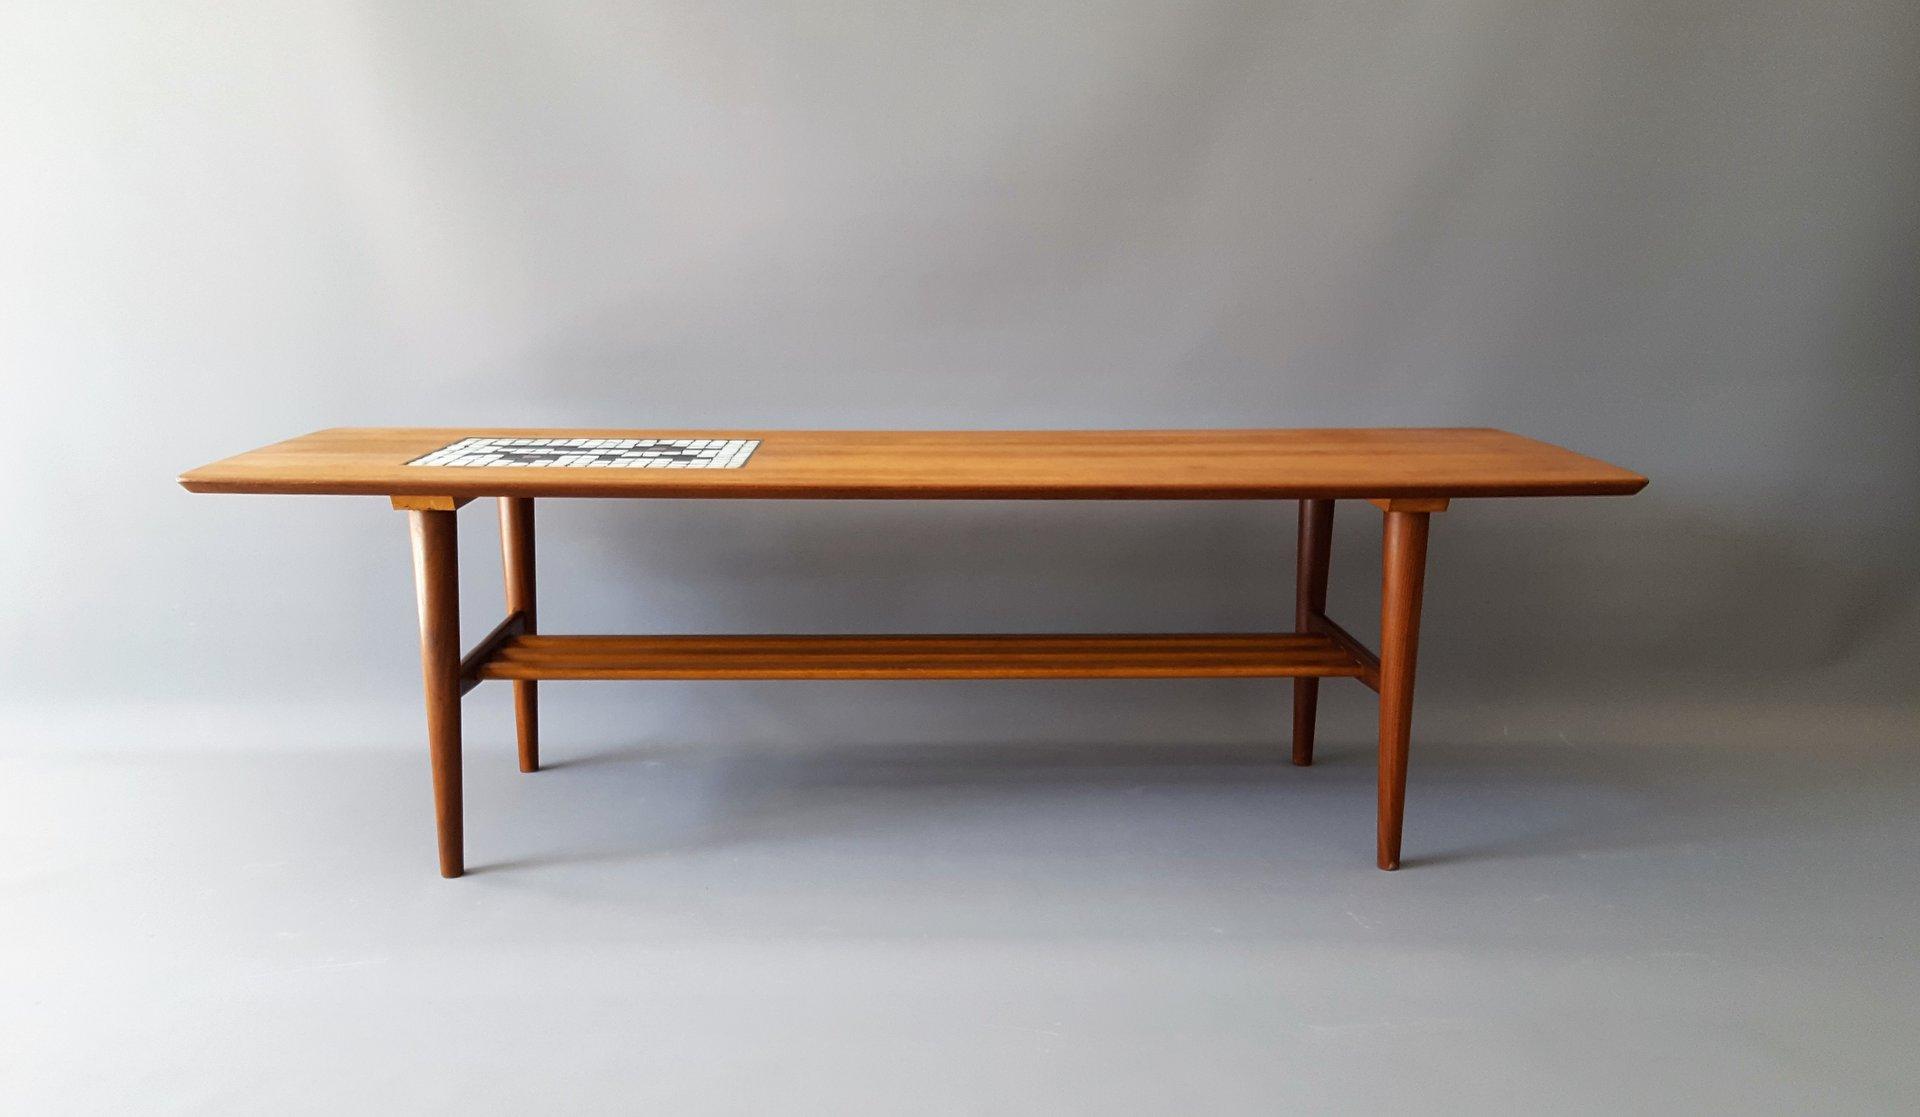 Vintage Tile Coffee Table by Louis van Teeffelen and Jaap Ravelli